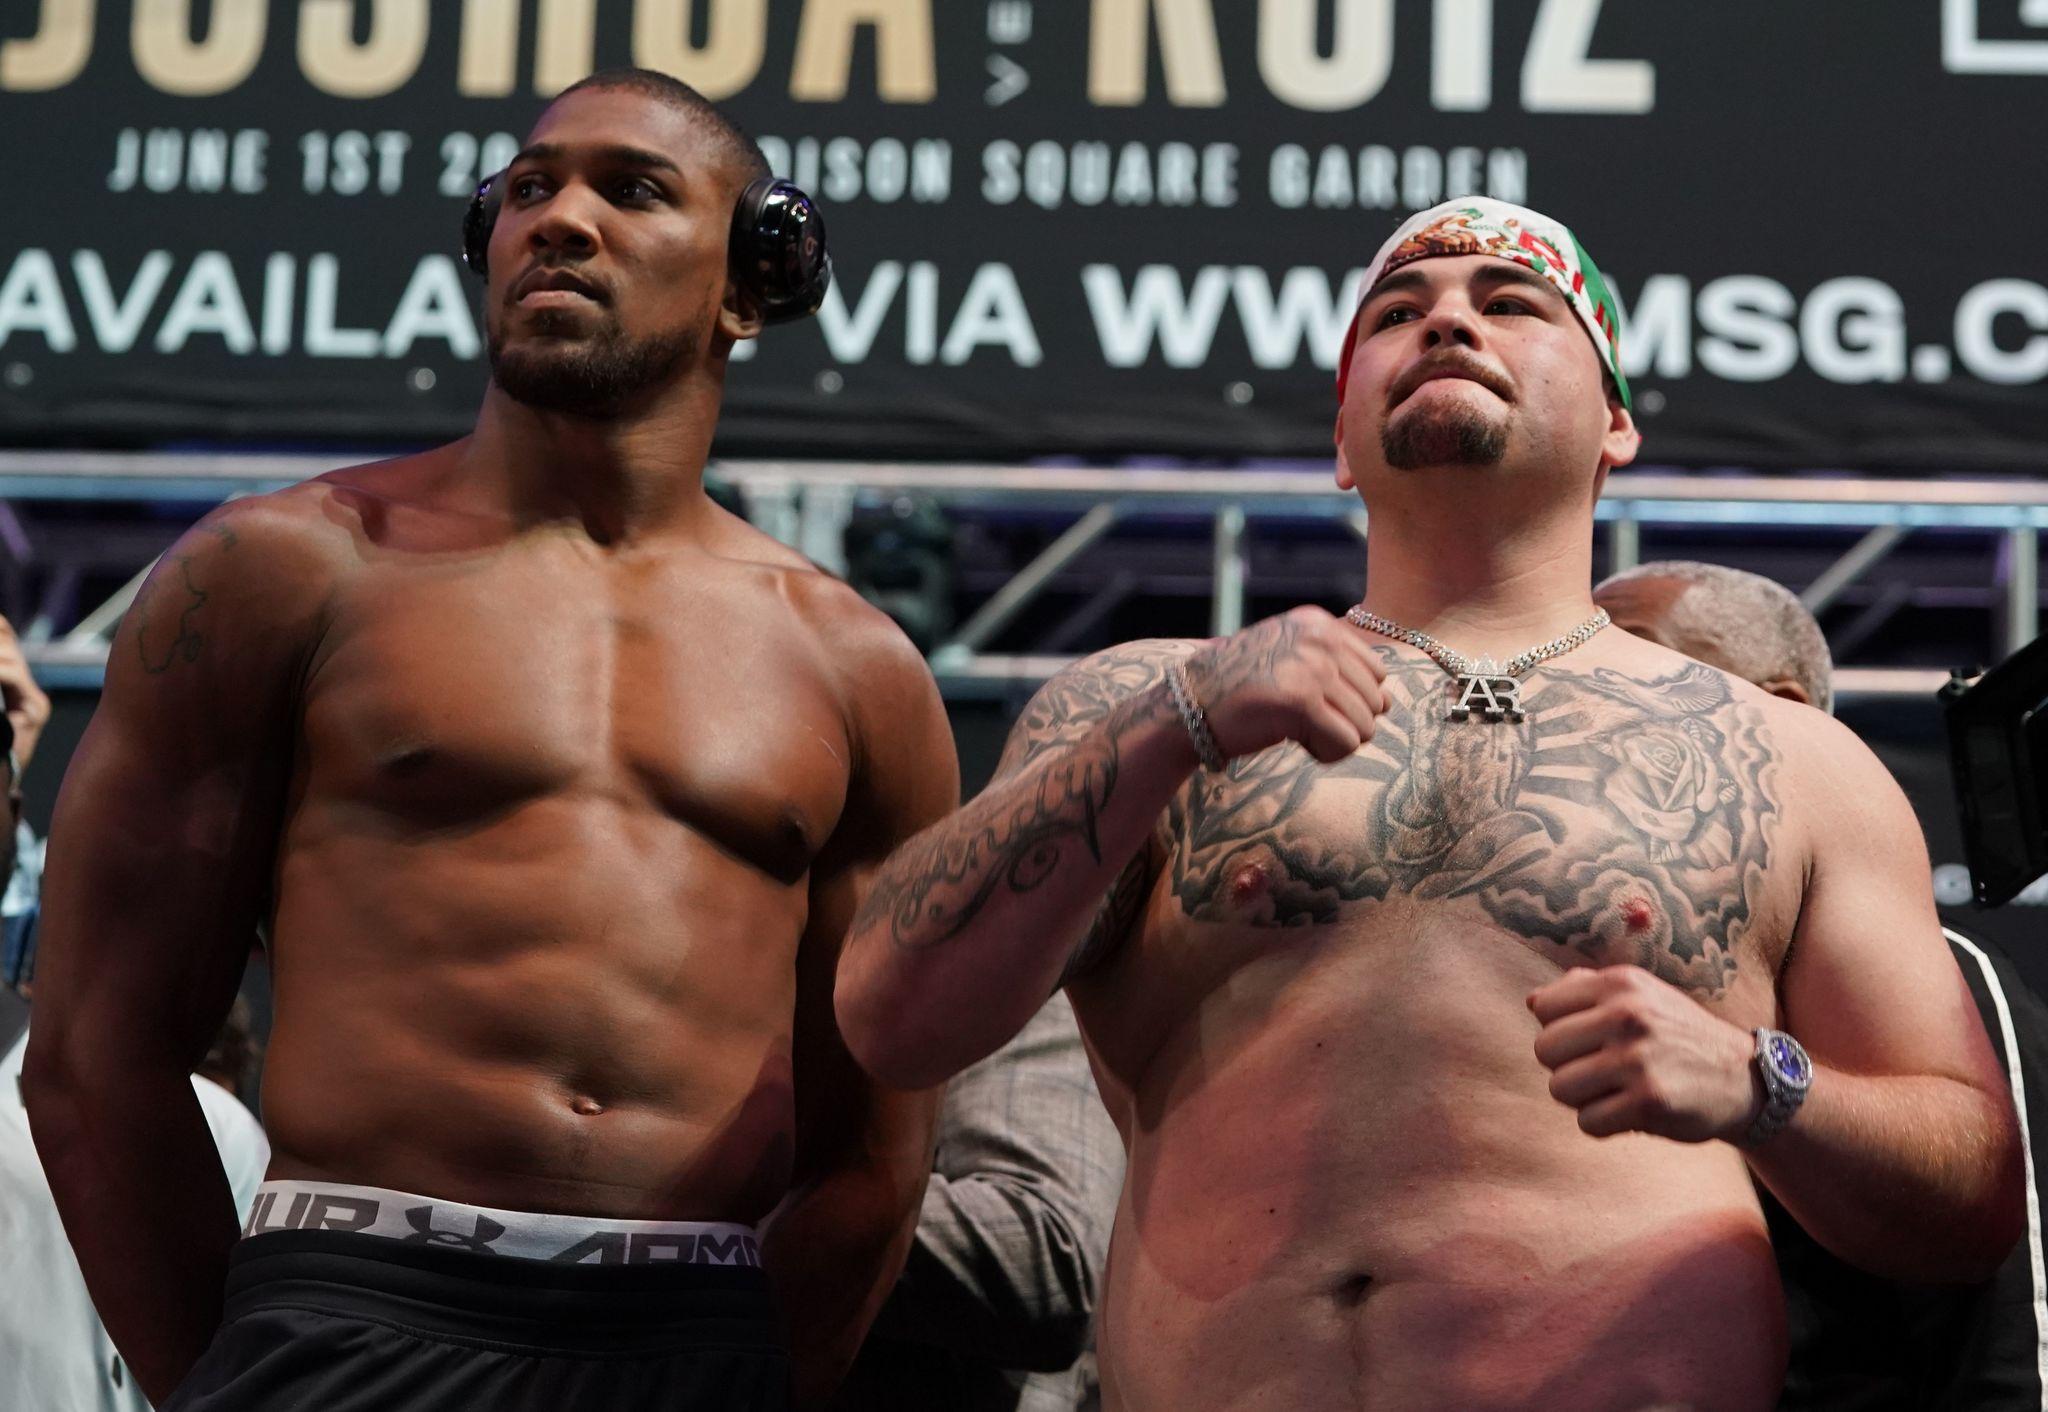 El musculoso Anthony Joshua vs el fornido Andy Ruiz en la...